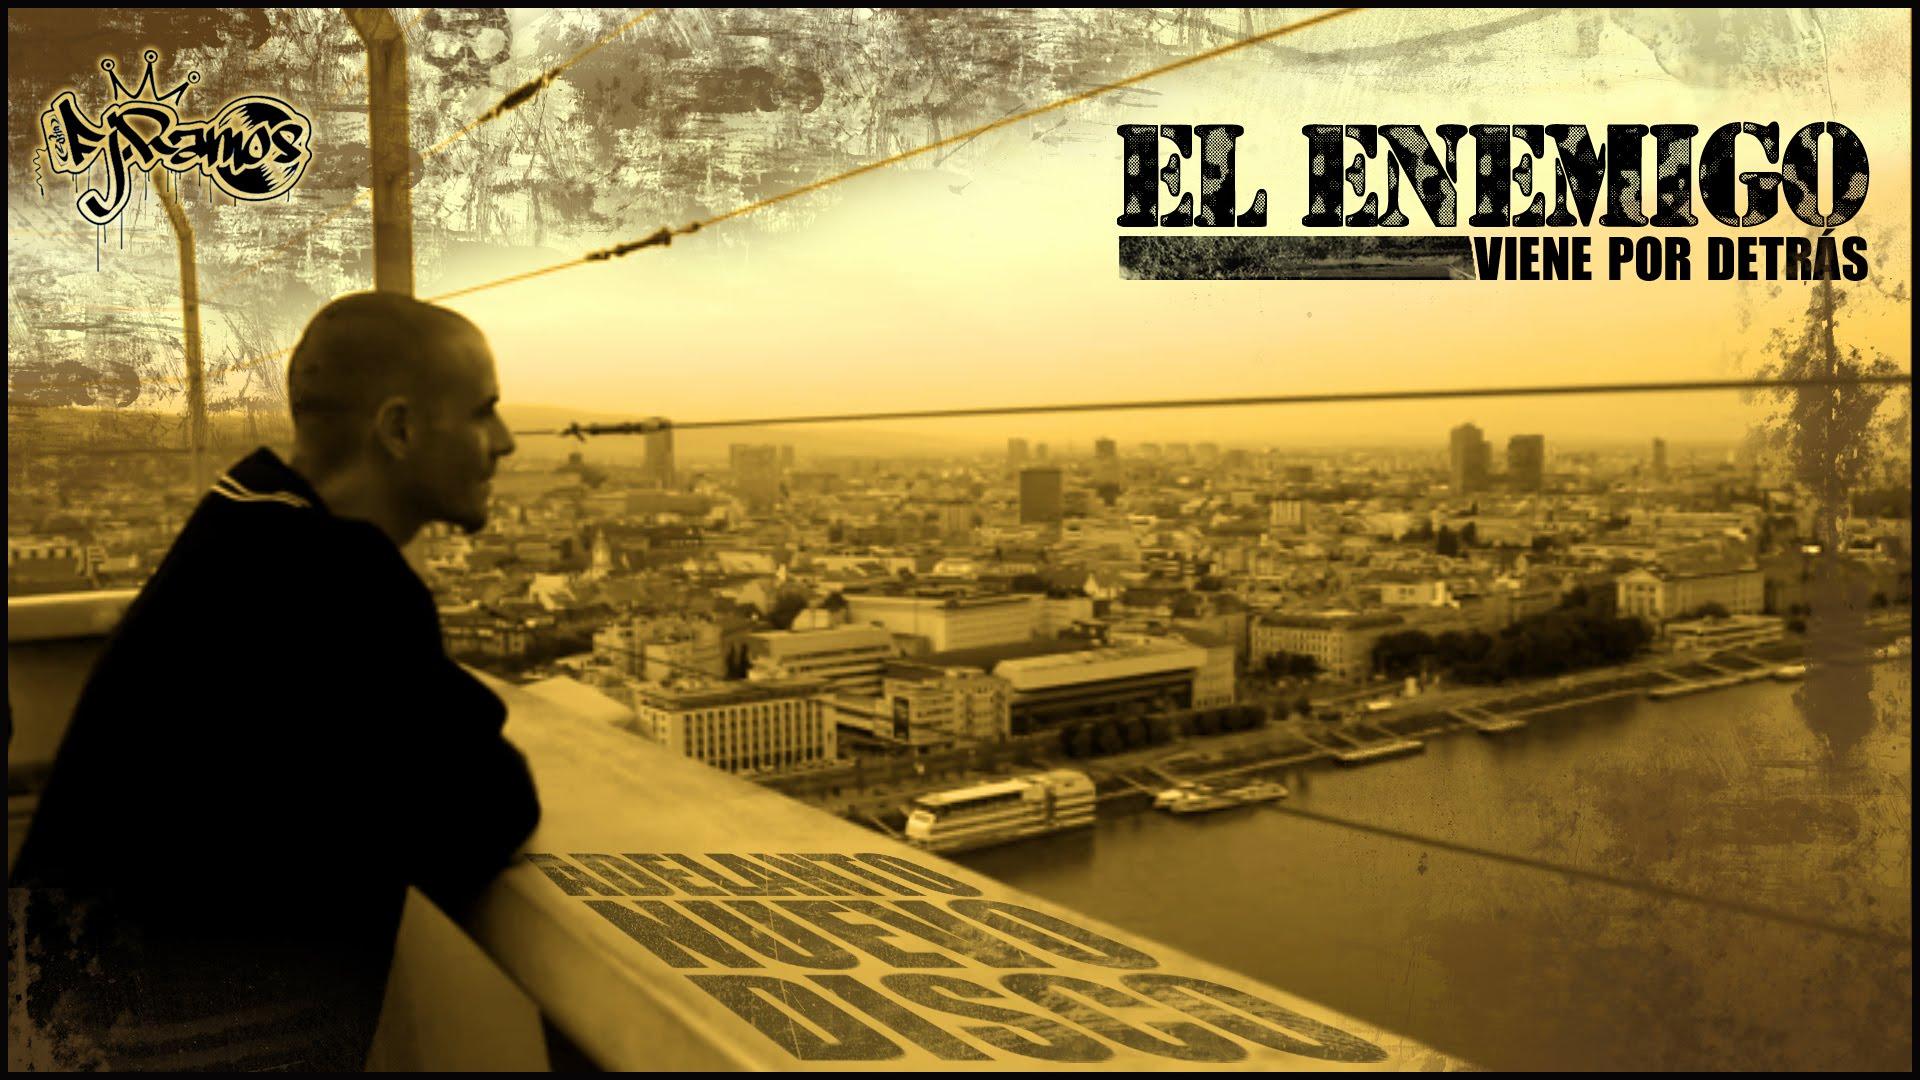 F.J Ramos – El enemigo viene por detrás